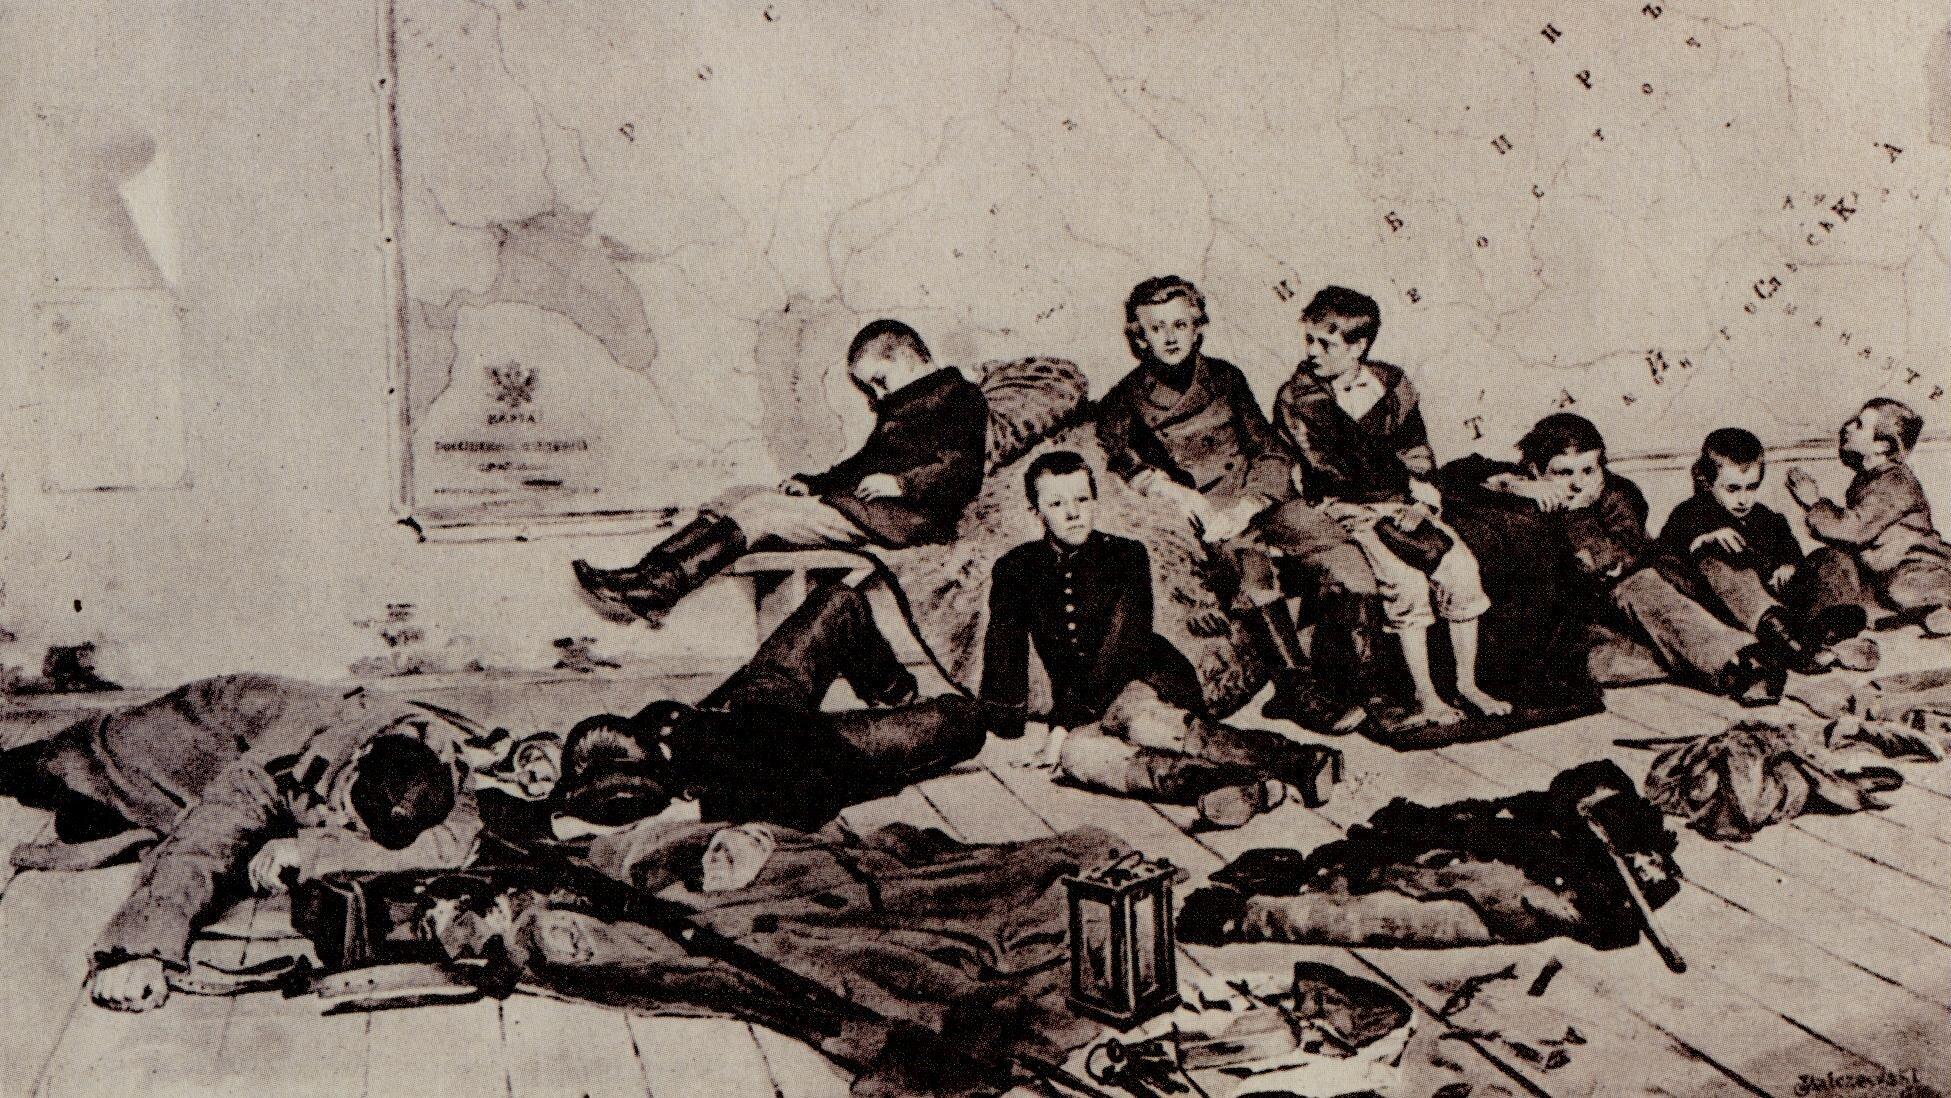 Zesłanie studentów Źródło: Jacek Malczewski, Zesłanie studentów, 1891, domena publiczna.